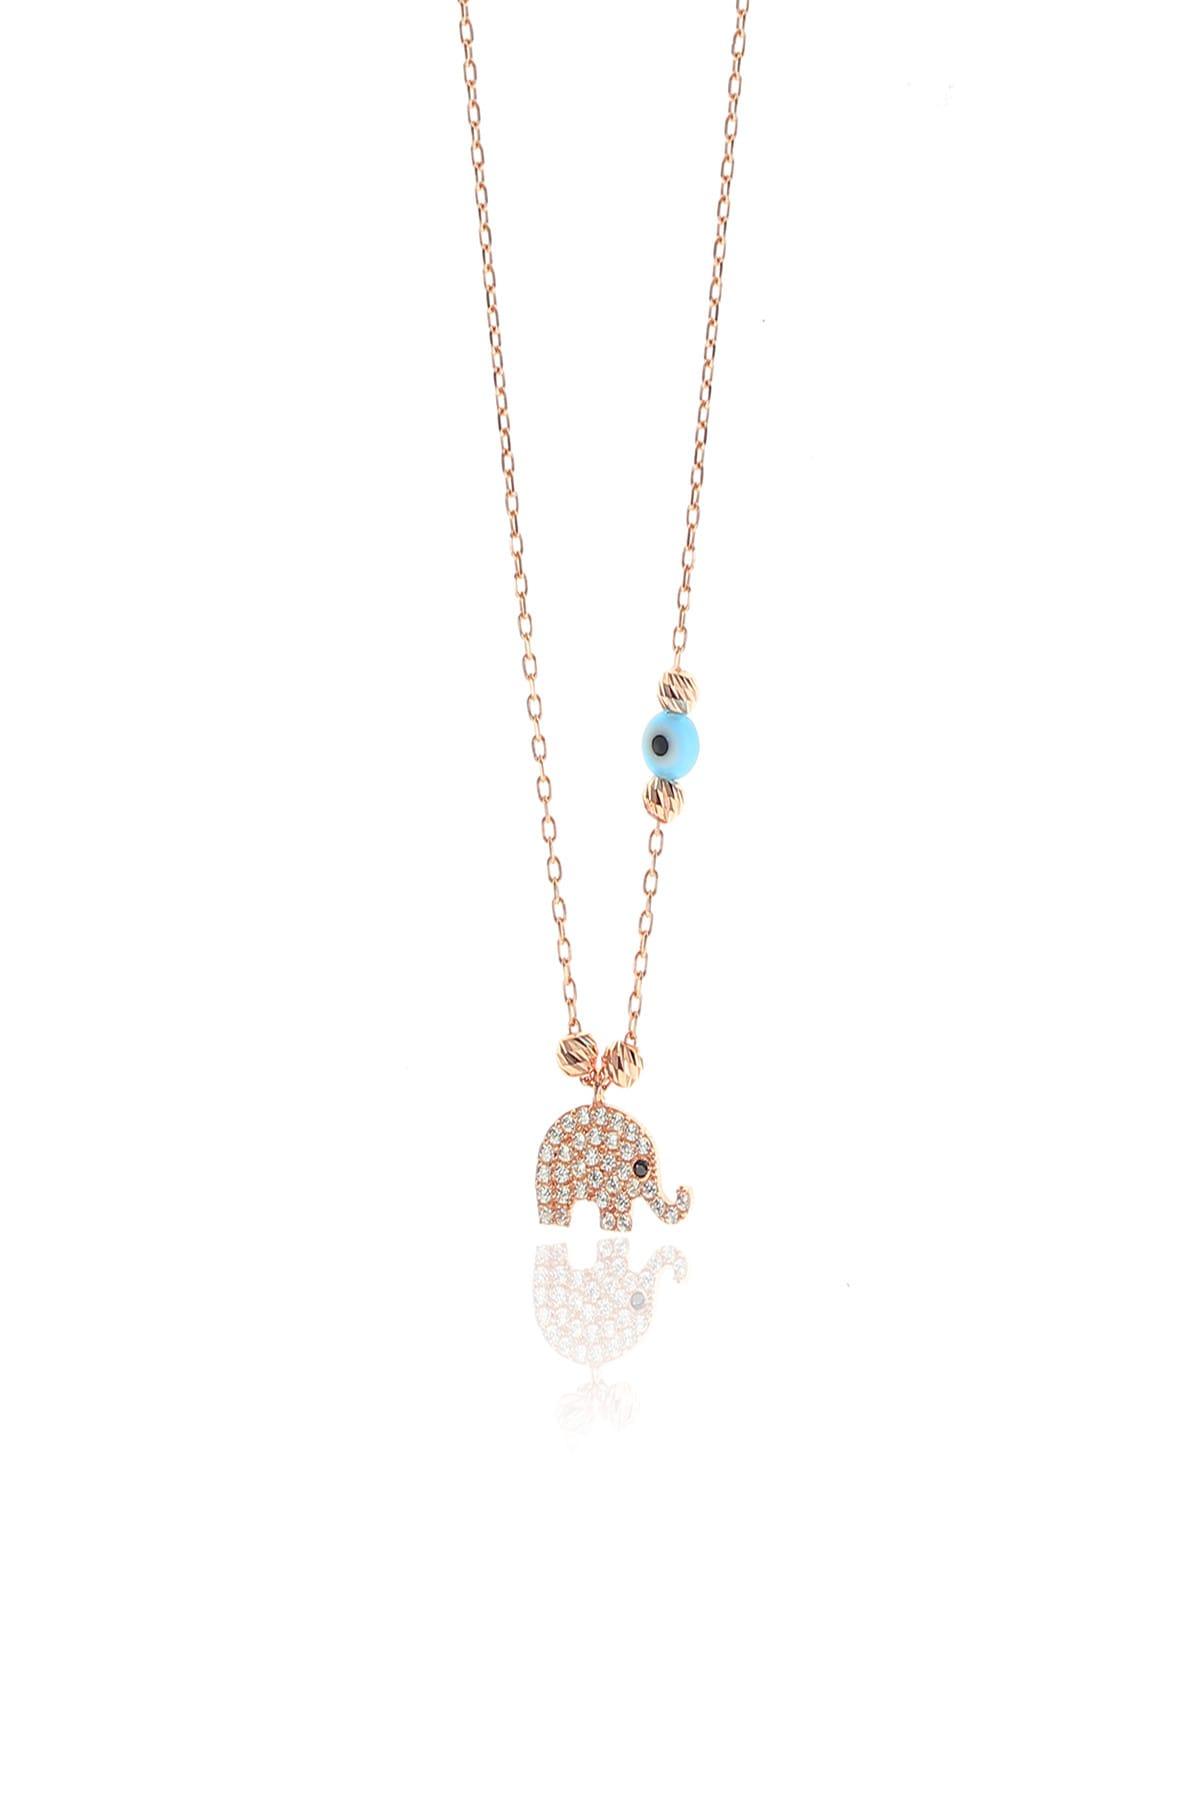 Söğütlü Silver Kadın Gümüş Dorica Toplu Fil Kolye SGTL8869 1